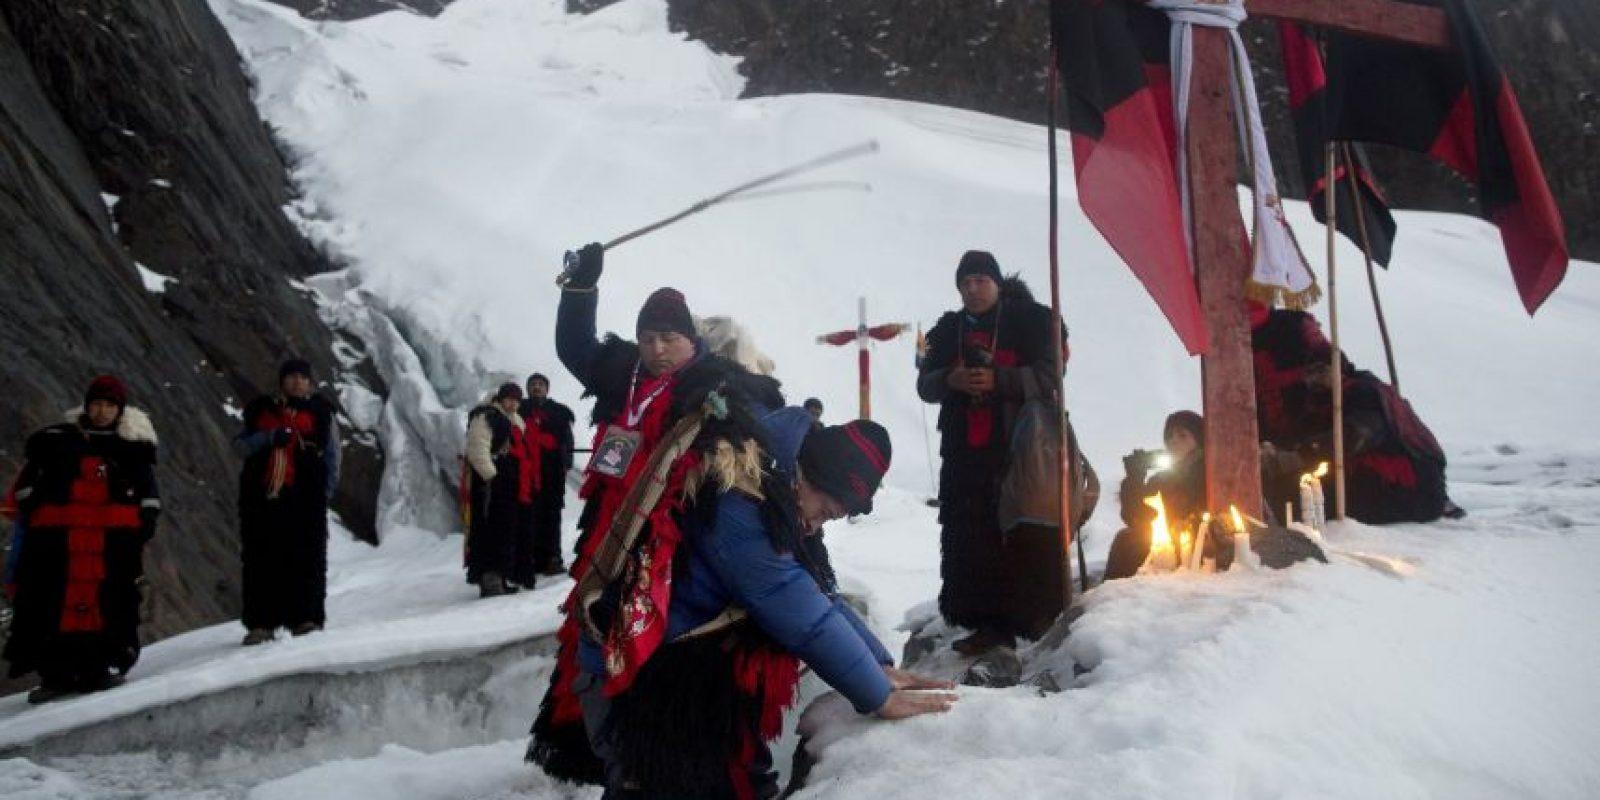 """En esta fotografía del 24 de mayo de 2016 un """"ukuku"""", que representa a una criatura mítica mitad hombre mitad oso, coloca sus manos sobre el hielo del glaciar de la montaña Qullqip'unqu de rodillas ante una cruz mientras es azotado por un líder """"ukuku"""" en una ceremonia de inducción, como parte del sincrético festival de Qoyllur Rit'i traducido de la lengua quechua como Estrella de la Nieve en el Valle Sinakara, en la región de Cusco en Perú. Los nuevos reclutas prometen hacer la peregrinación tres años consecutivos. Foto:AP Photo/ Rodrigo Abd"""